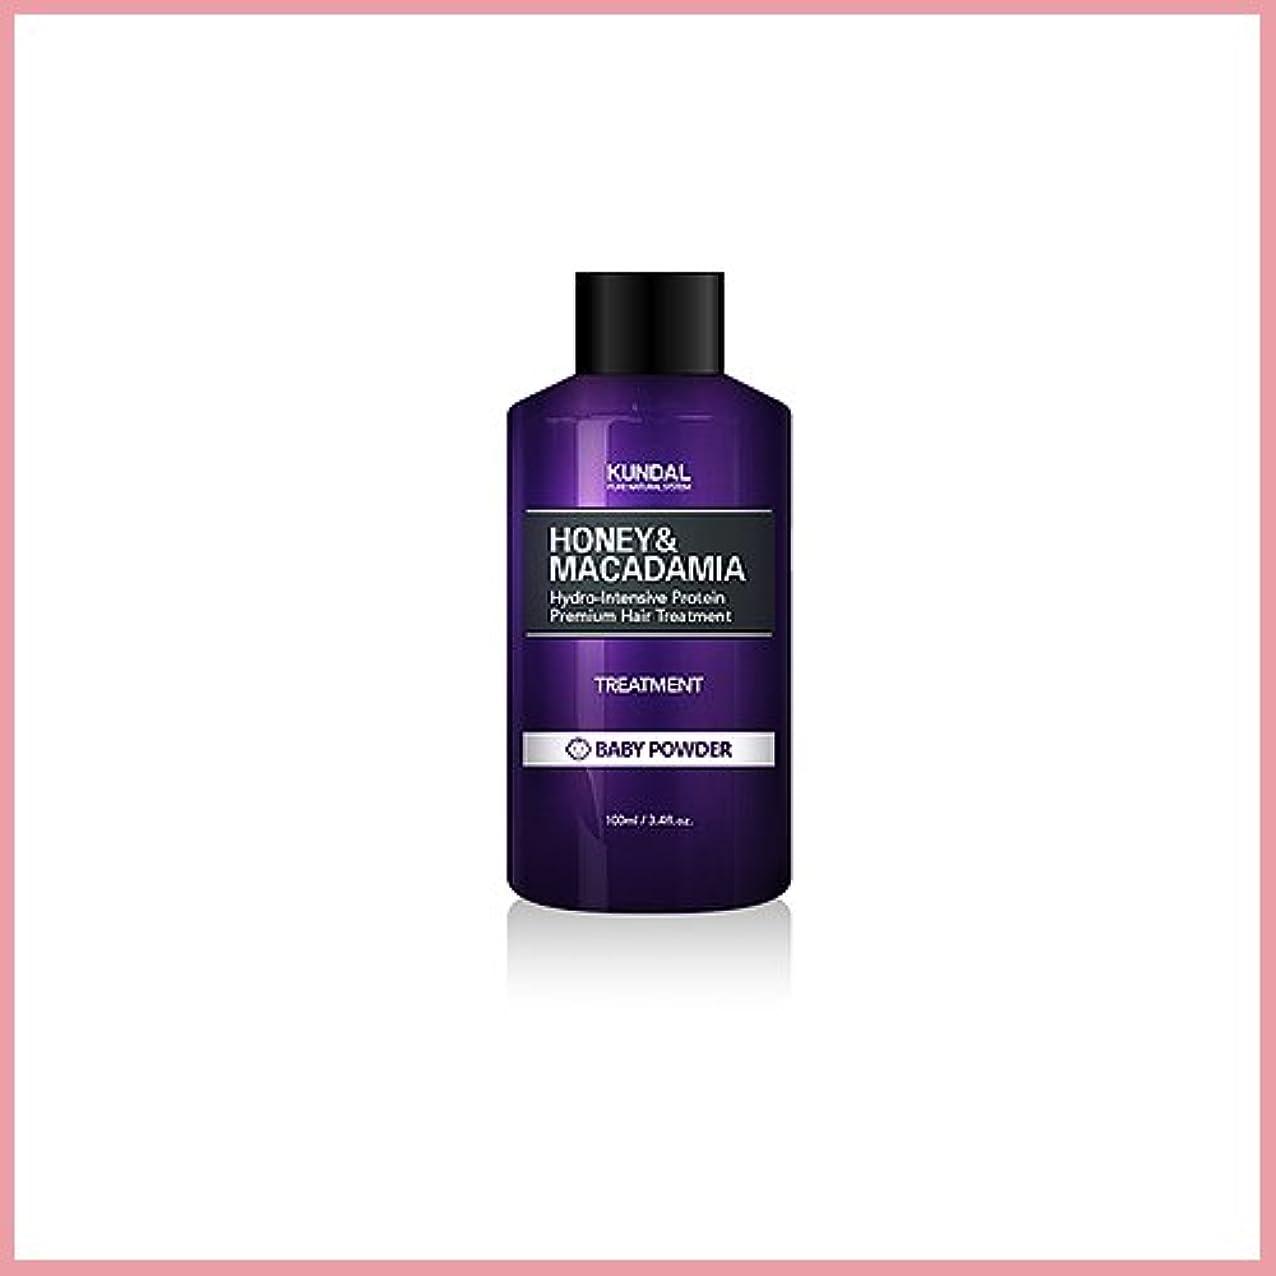 自由ポルトガル語合計[KUNDAL/クンダル] Kundal Premium Hair Treatment 100ml [2017年韓国満足度1位][TTBEAUTY][韓国コスメ]